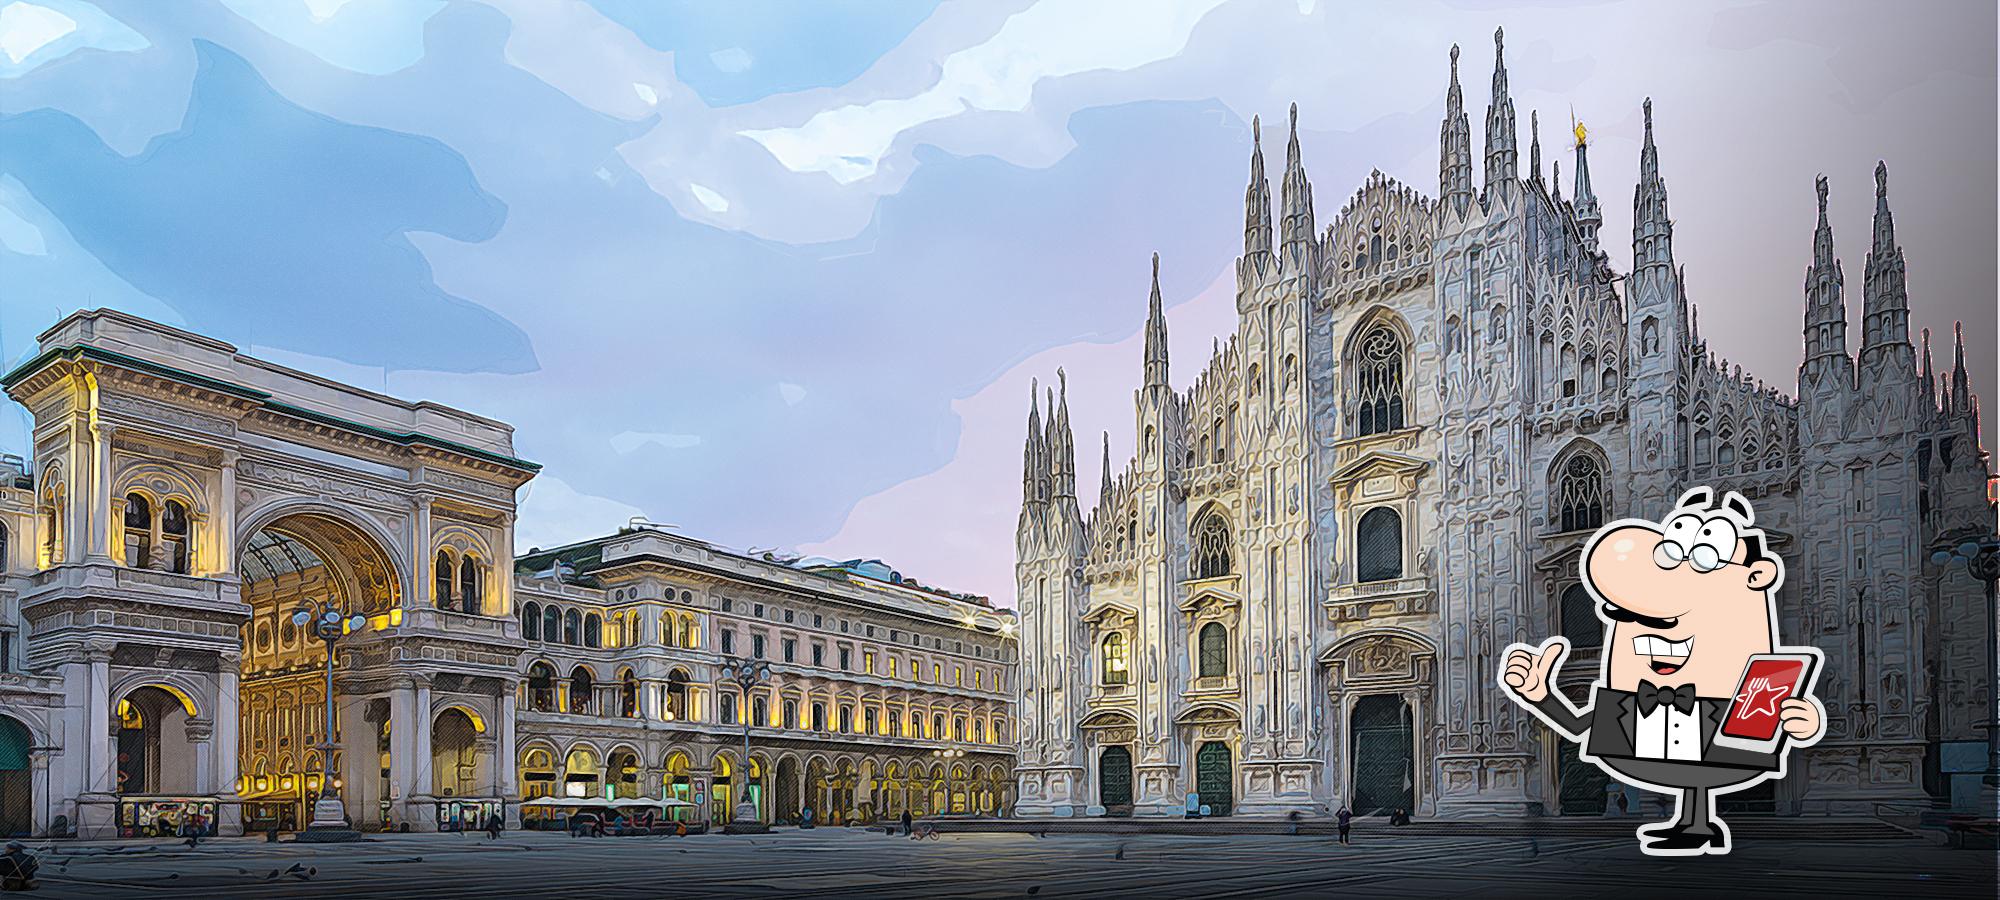 10 piatti italiani: mangia come uno del posto a Milano